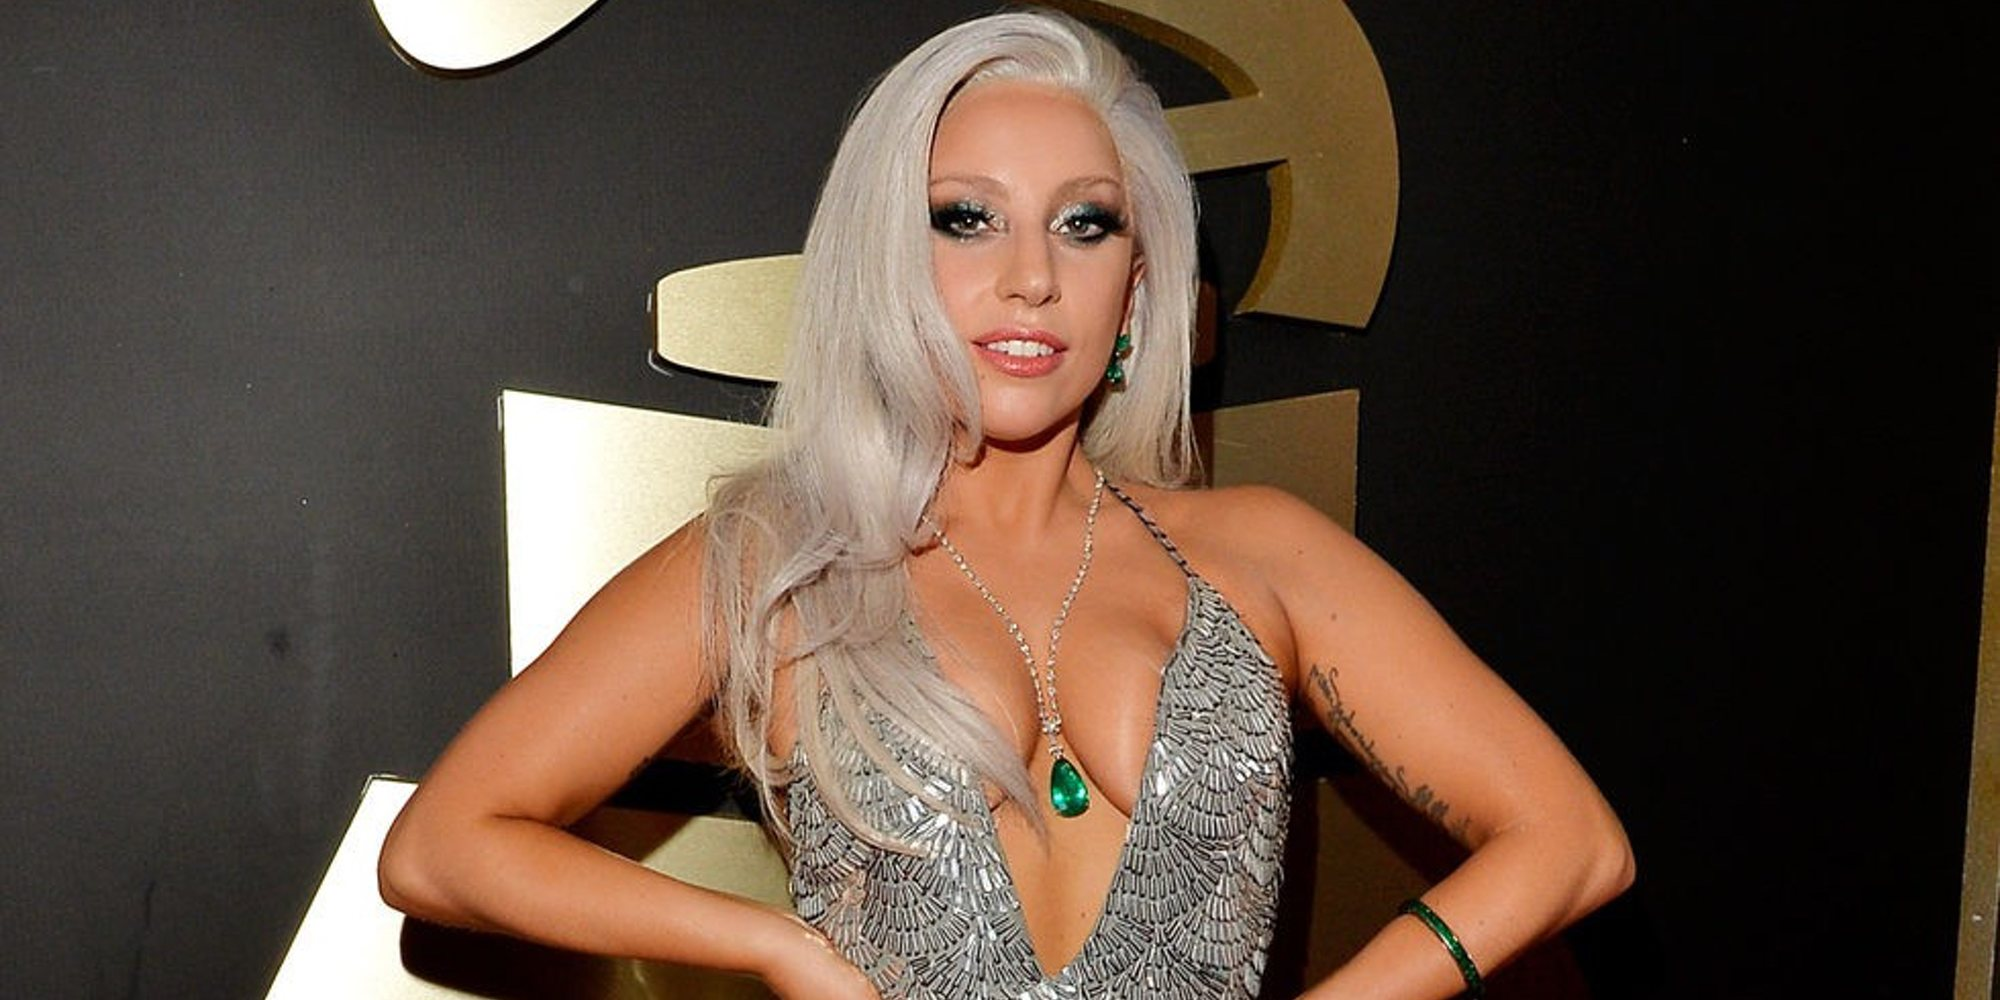 El motivo por el que Lady Gaga rompió su compromiso con Christian Carino